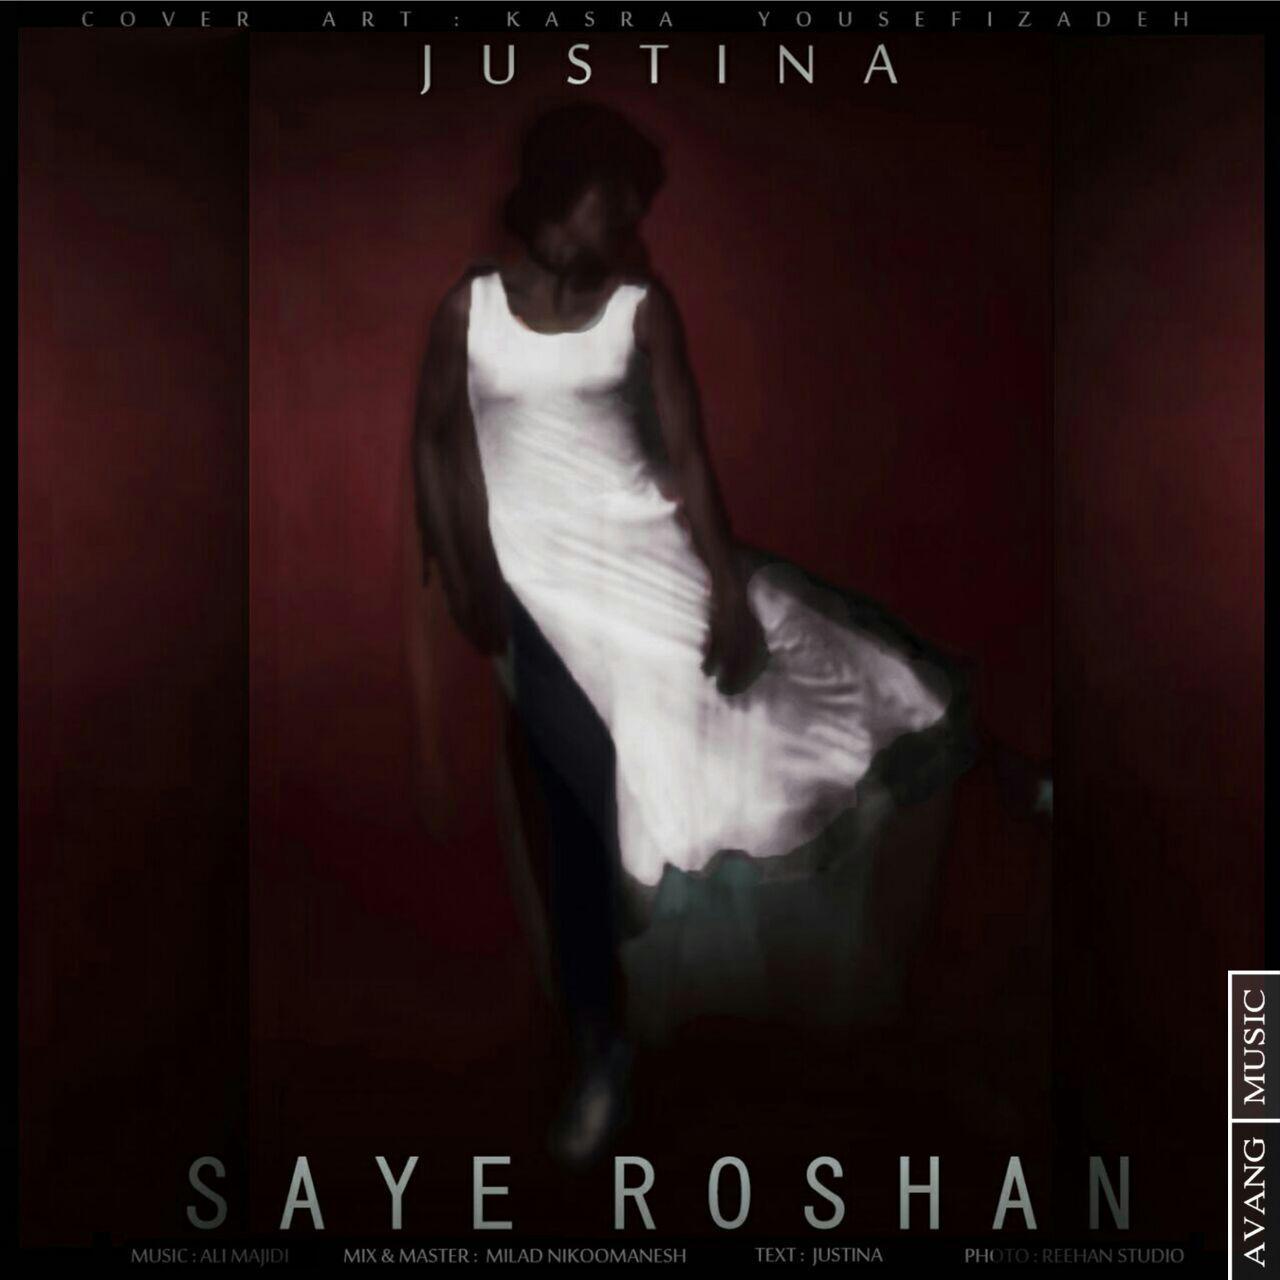 Saye Roshan